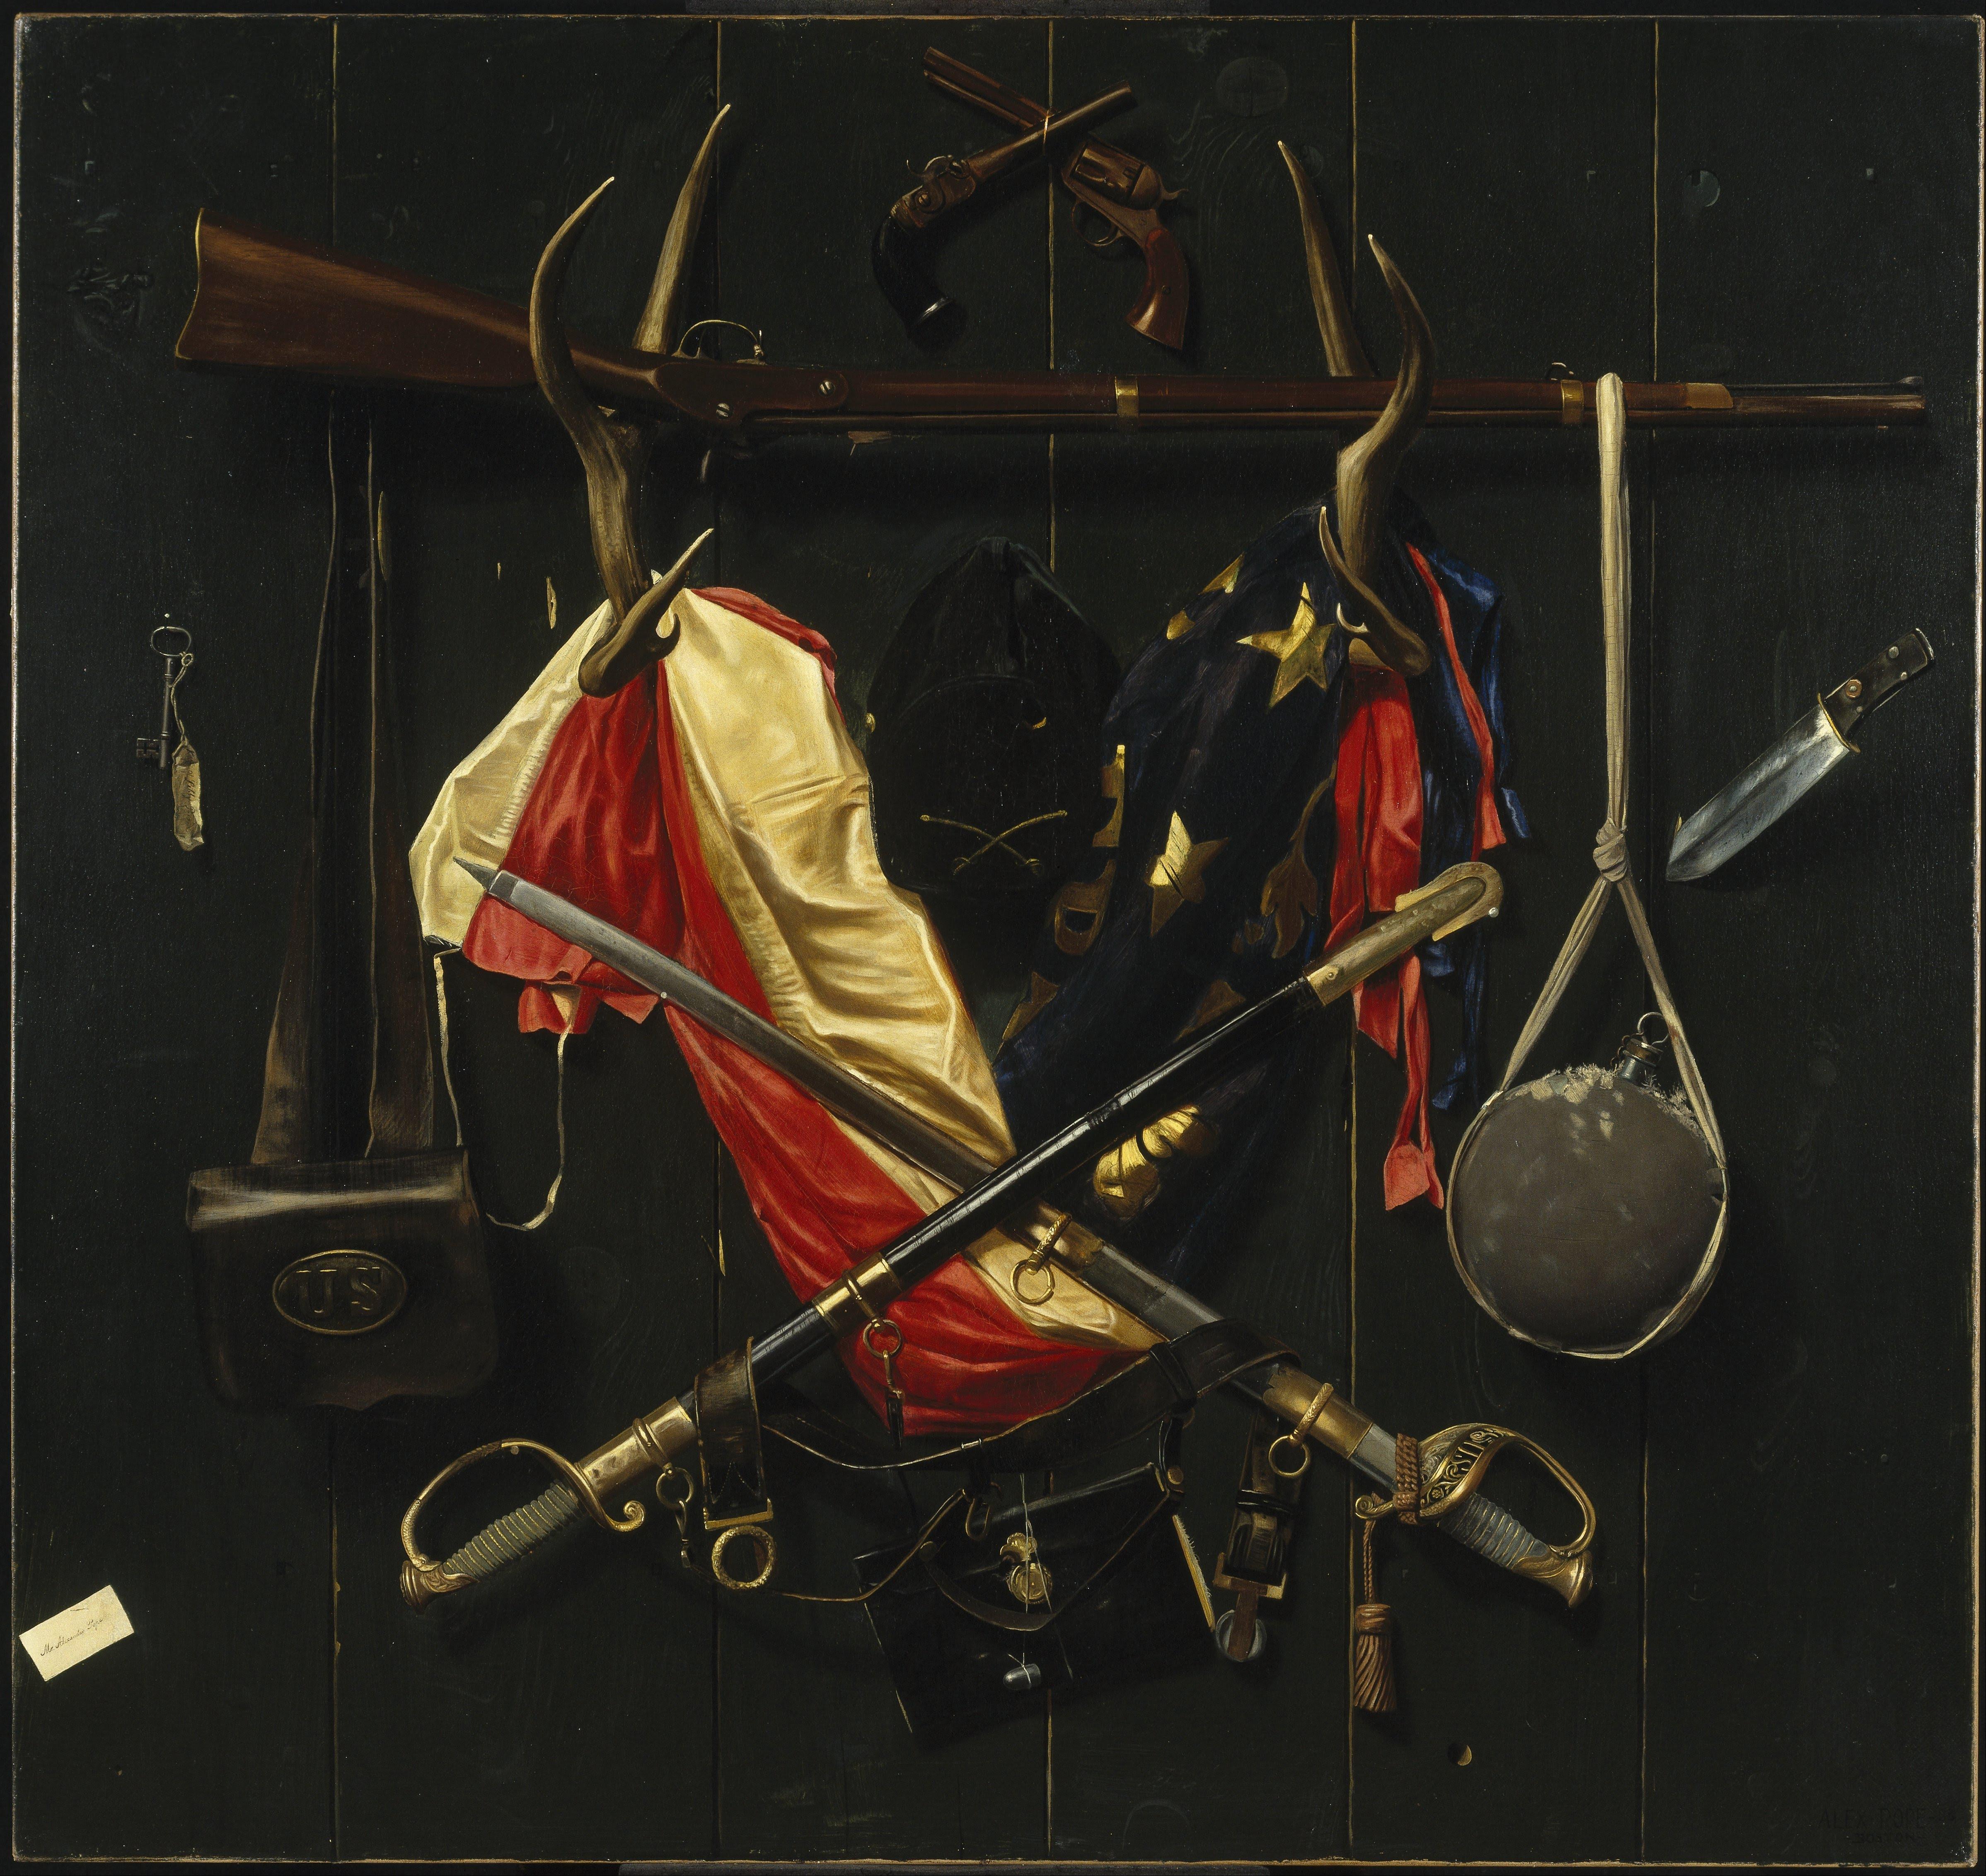 Александр Поуп. Символы Гражданской войны. 1888